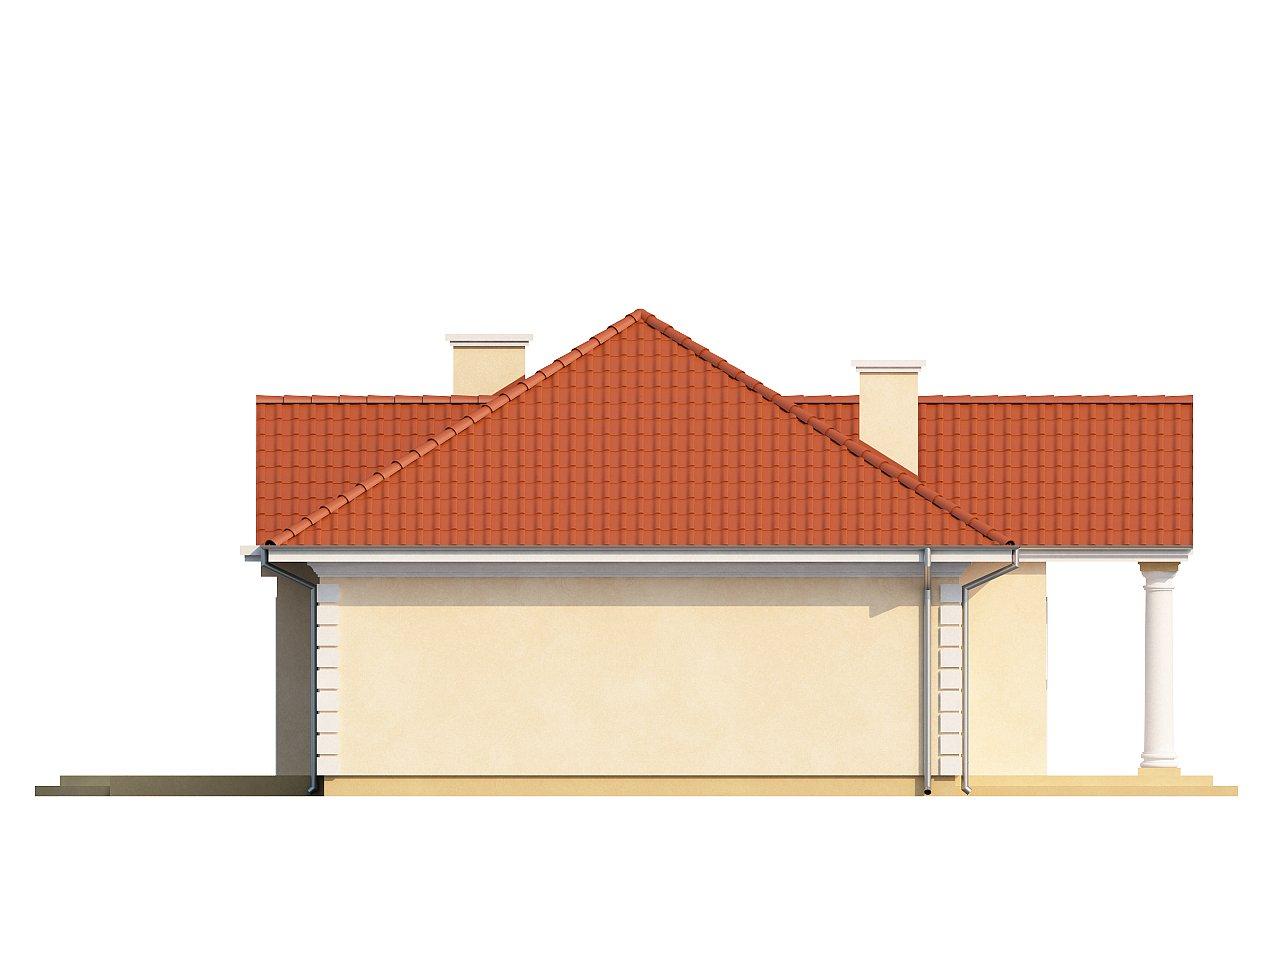 Проект в стиле дворянской усадьбы с возможностью обустройства чердачного помещения. 16